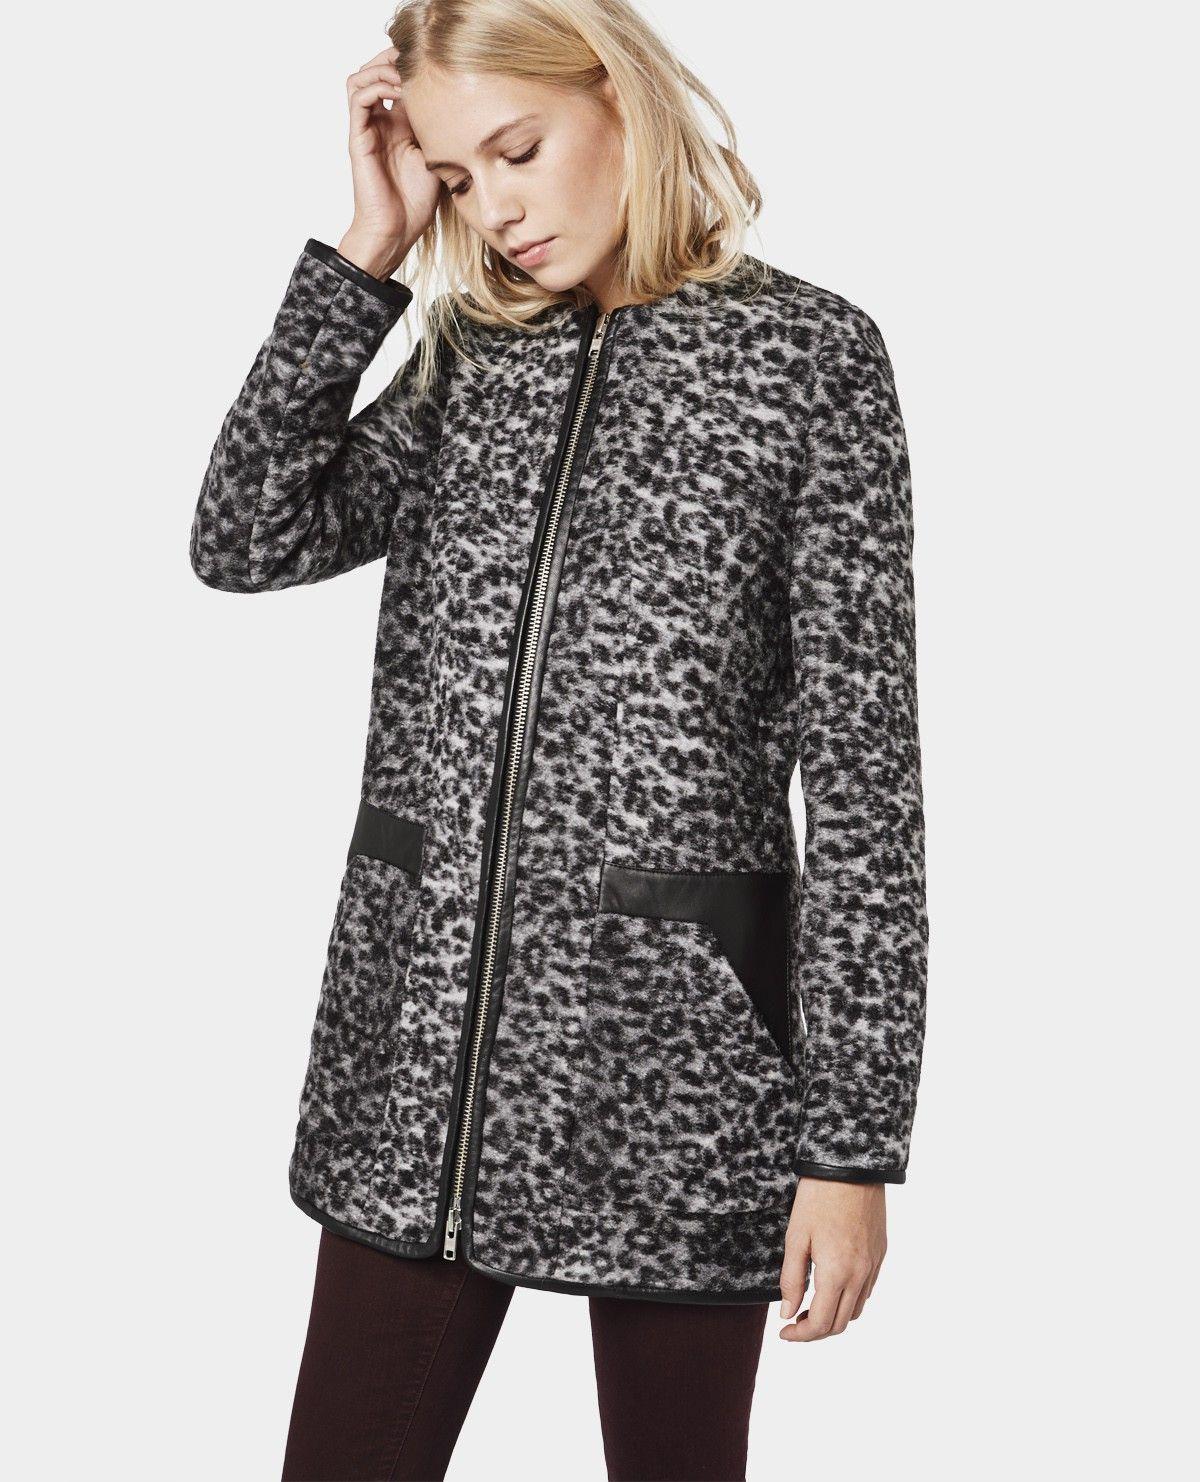 Manteau en léopard à col rond et empiècements en cuir - Best sellers - Femme - The Kooples